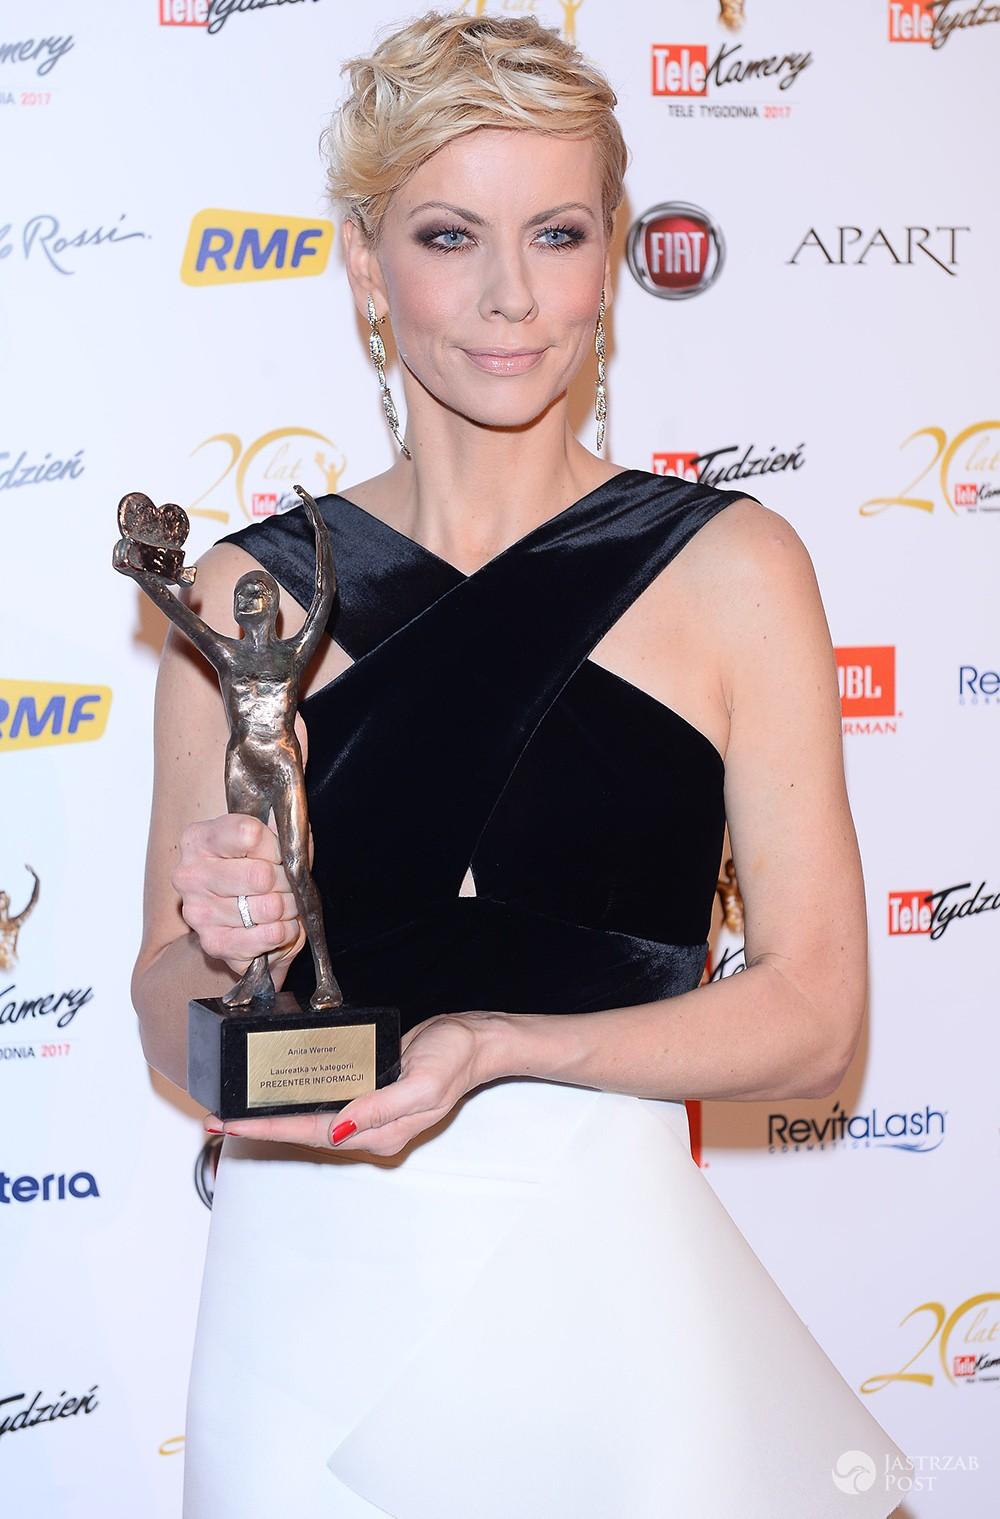 Anita Werner - najlepszy prezenter informacyjny - TeleKamery 2017